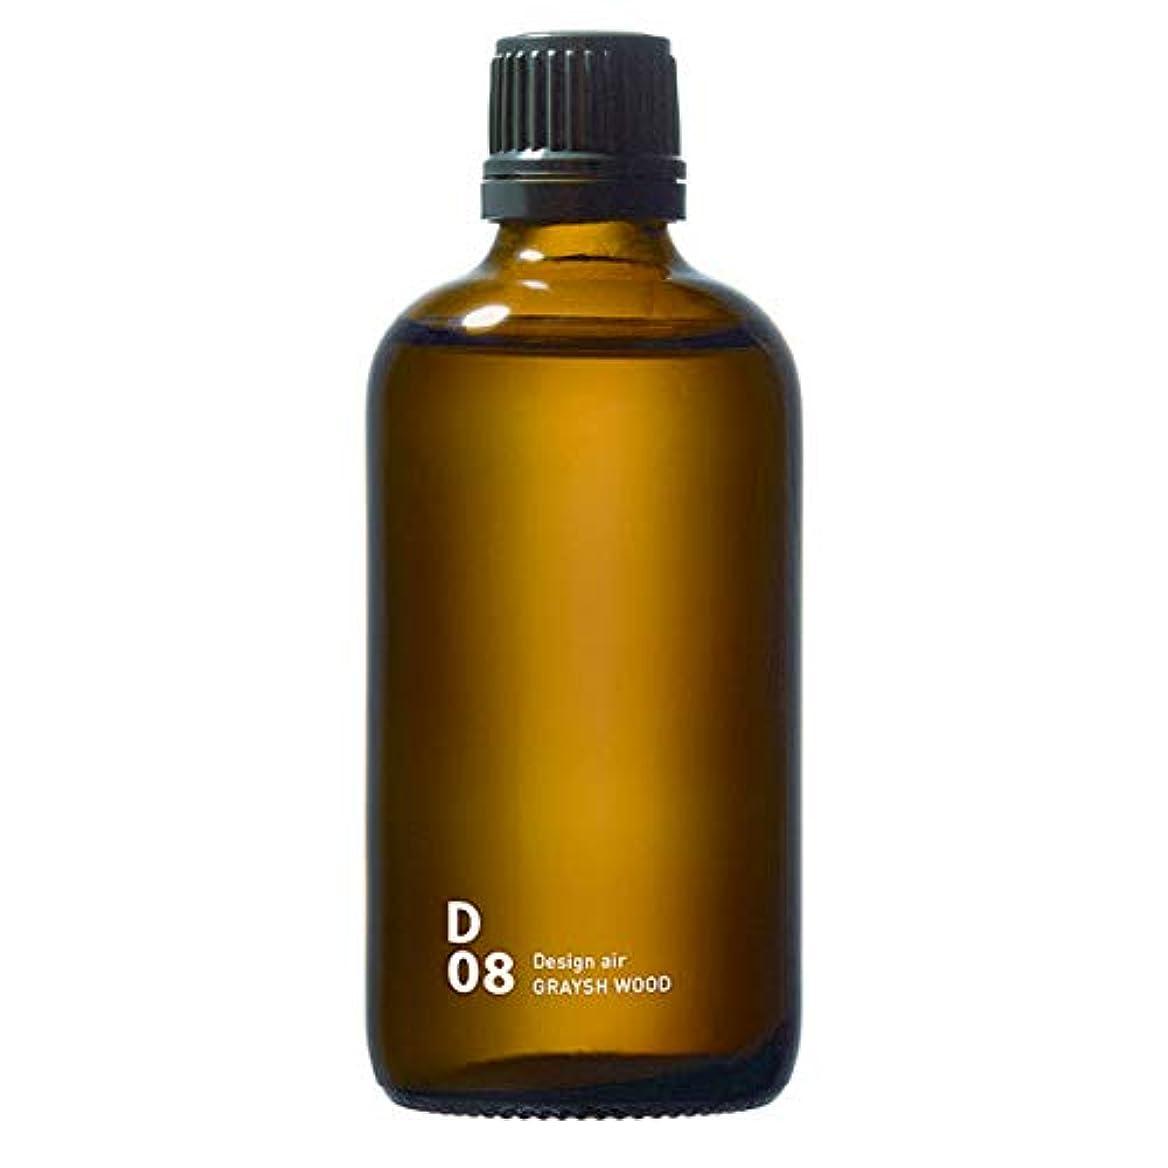 高める船外不純D08 GRAYISH WOOD piezo aroma oil 100ml